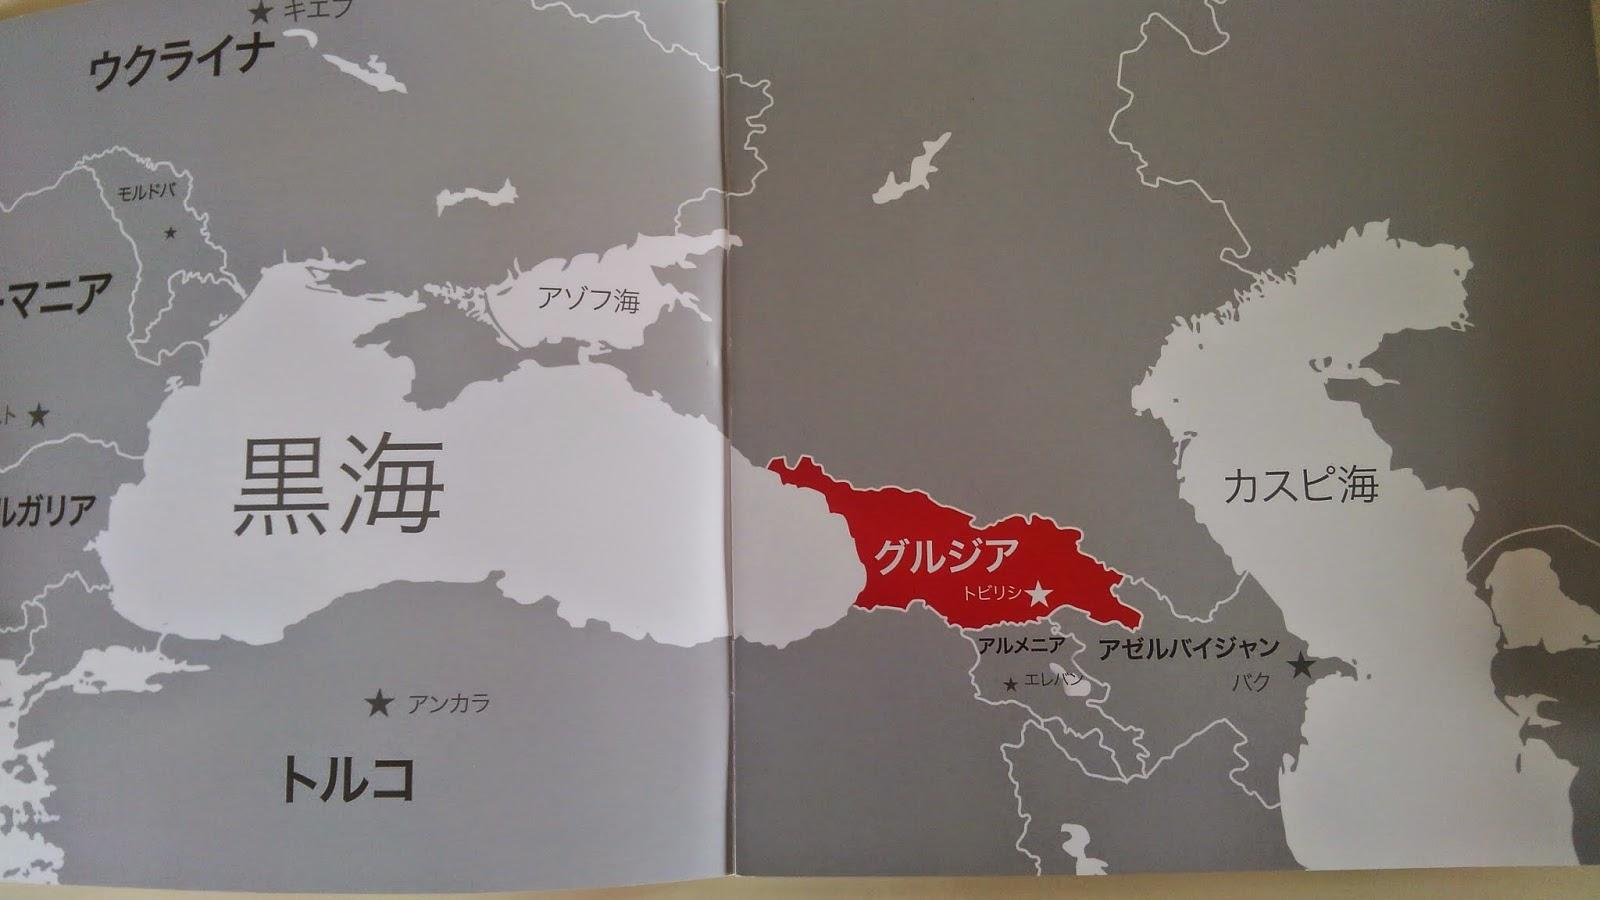 グルジア,ジョージア、地図